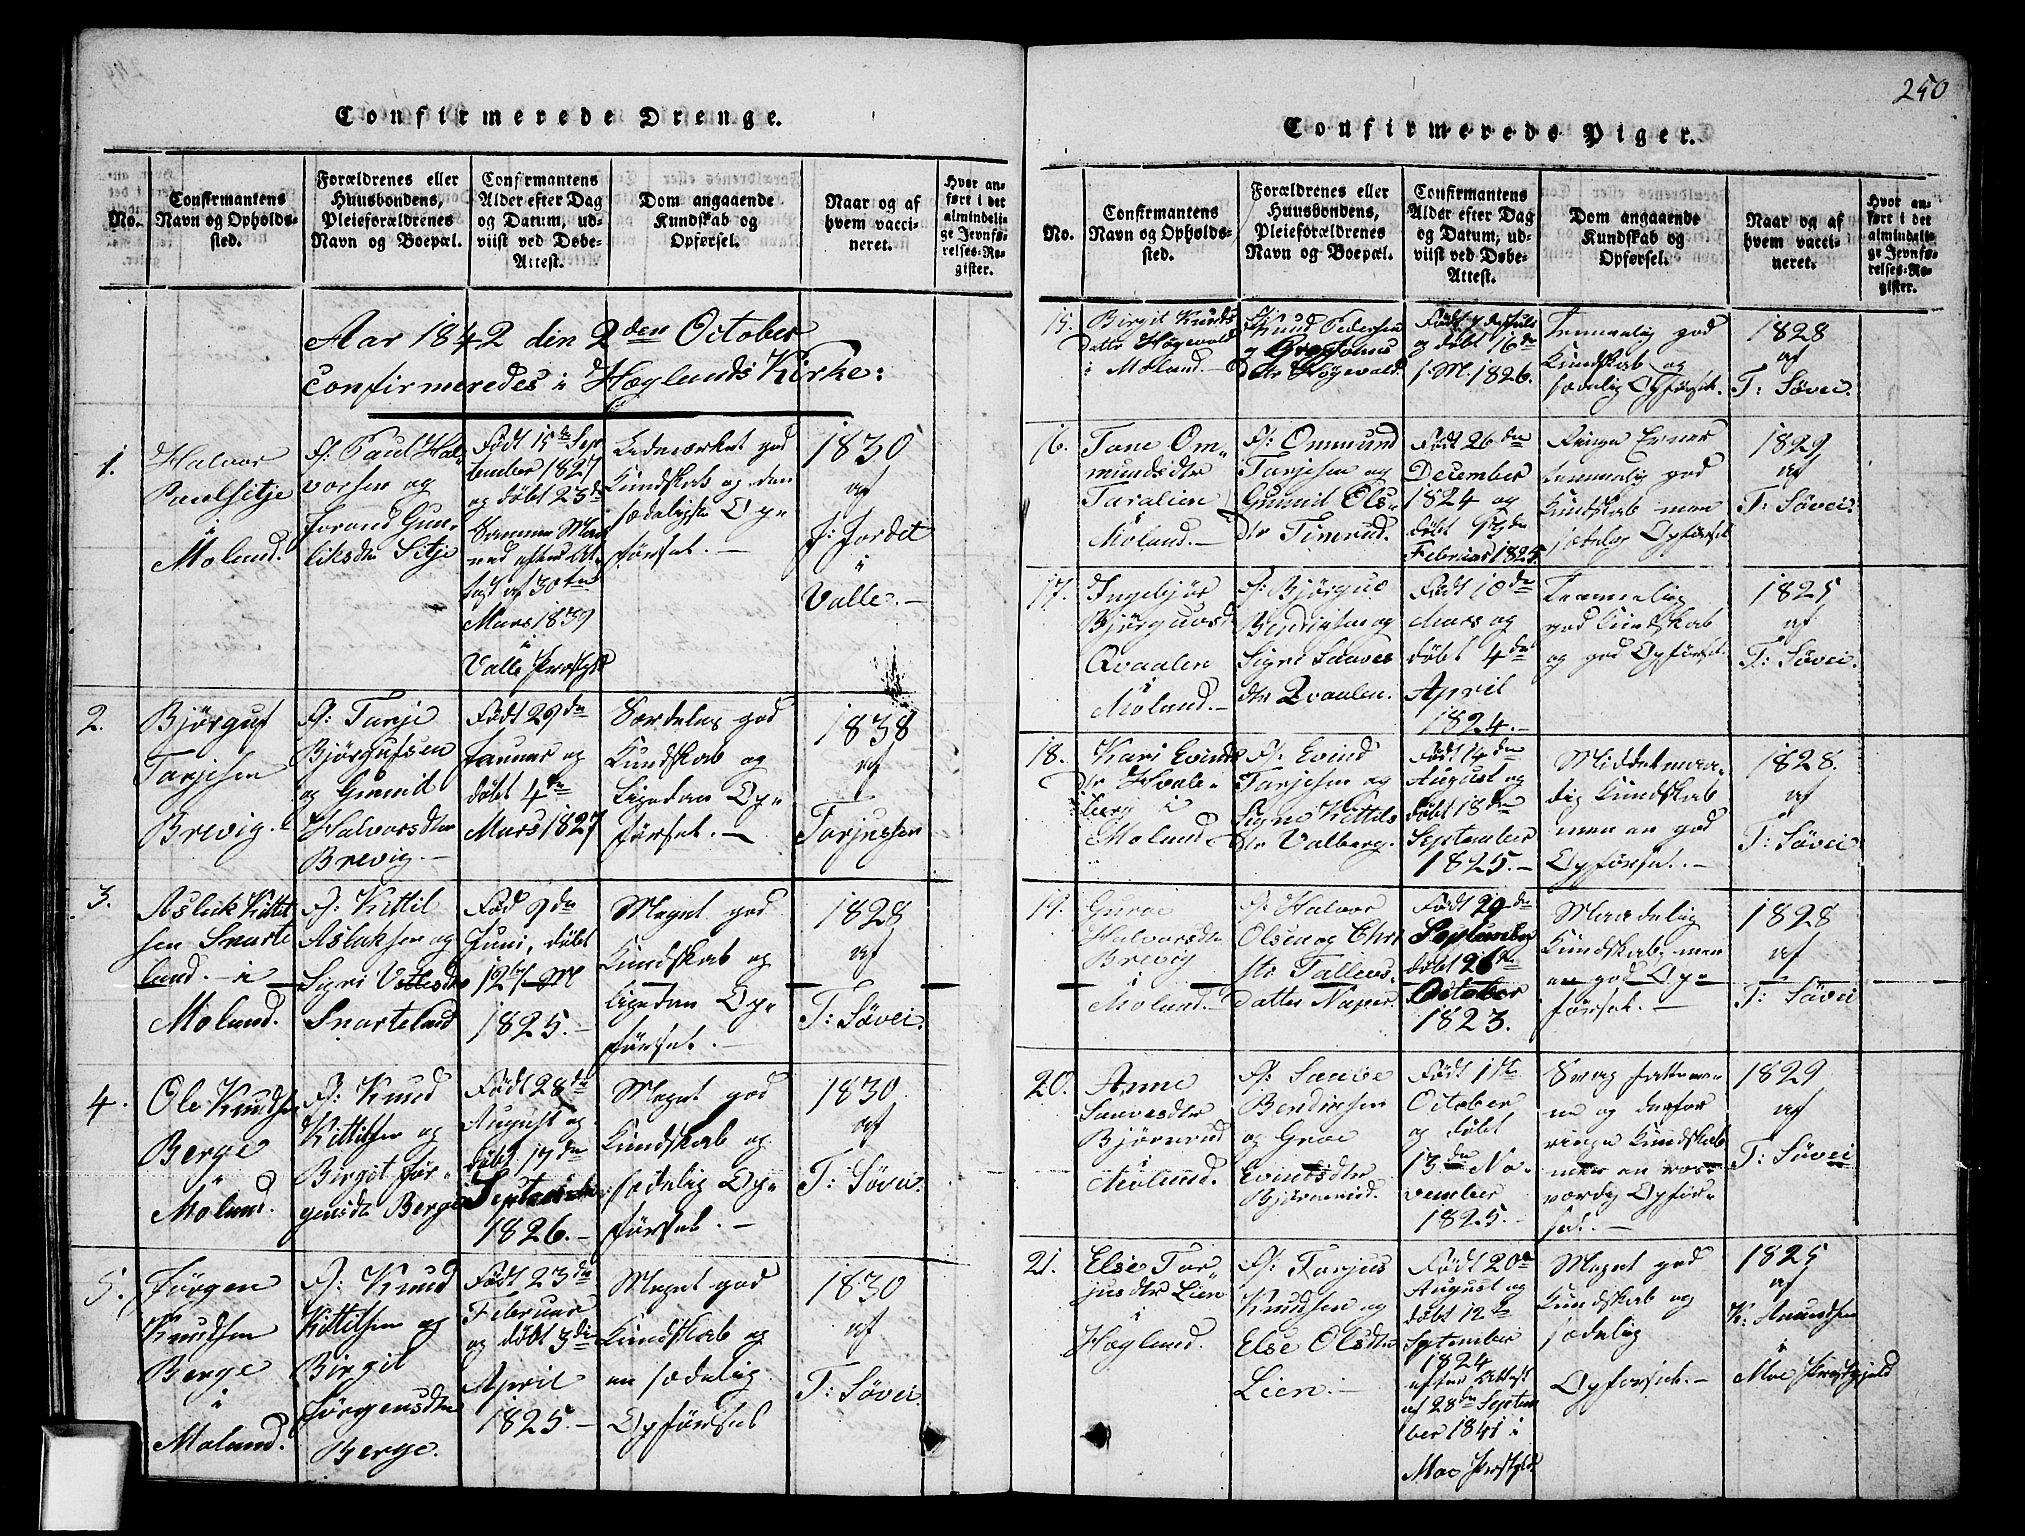 SAKO, Fyresdal kirkebøker, G/Ga/L0002: Klokkerbok nr. I 2, 1815-1857, s. 250